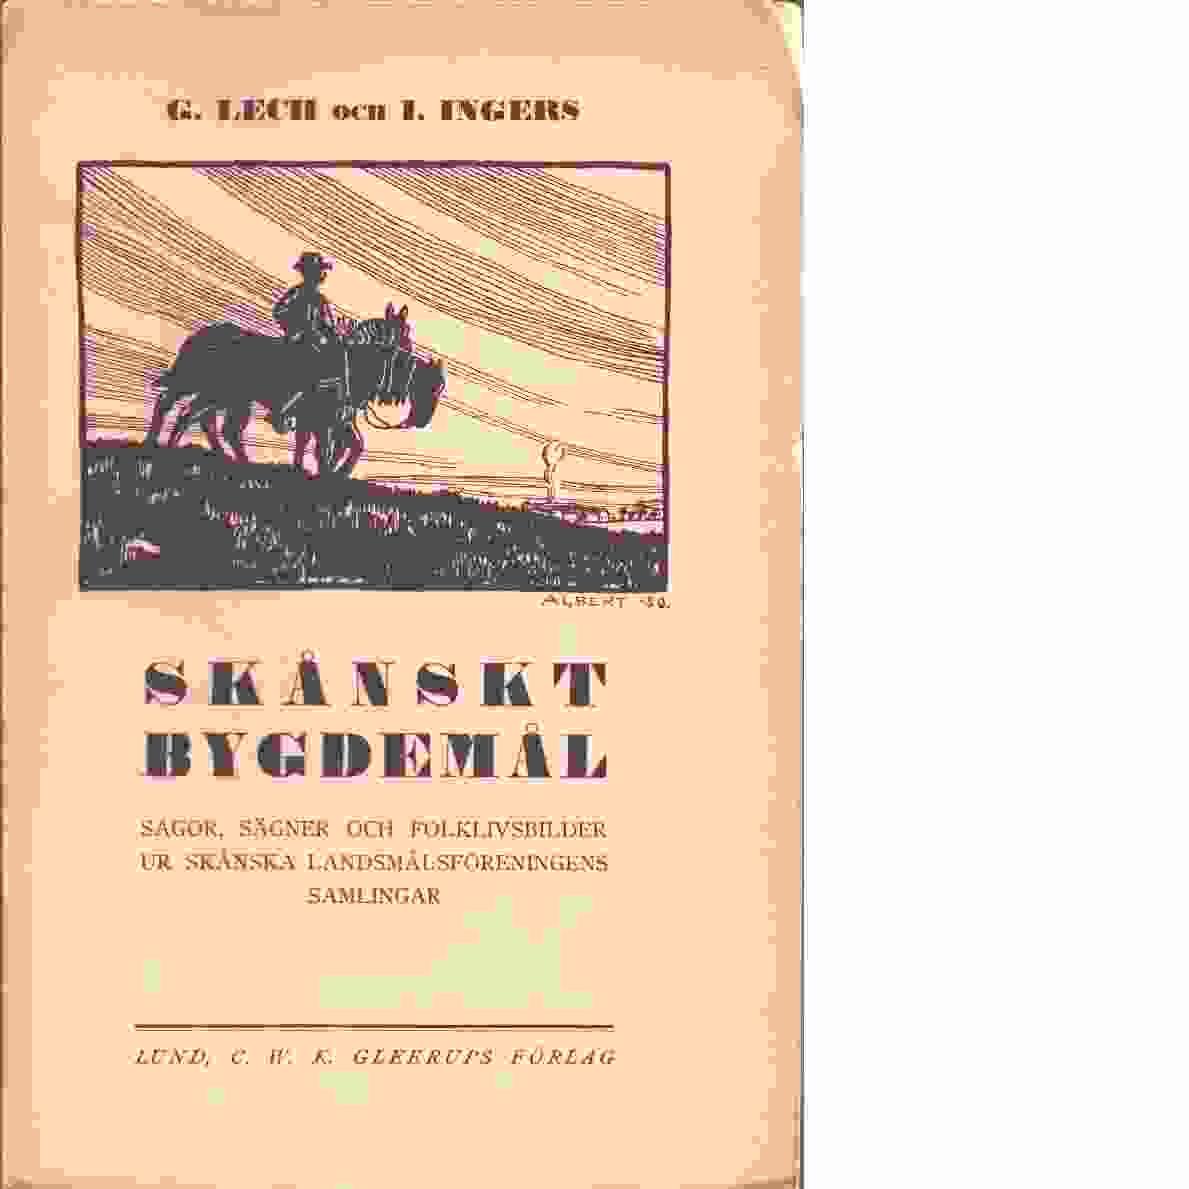 Skånskt bygdemål - Red. Lech, Gillis och Ingers, Ingemar